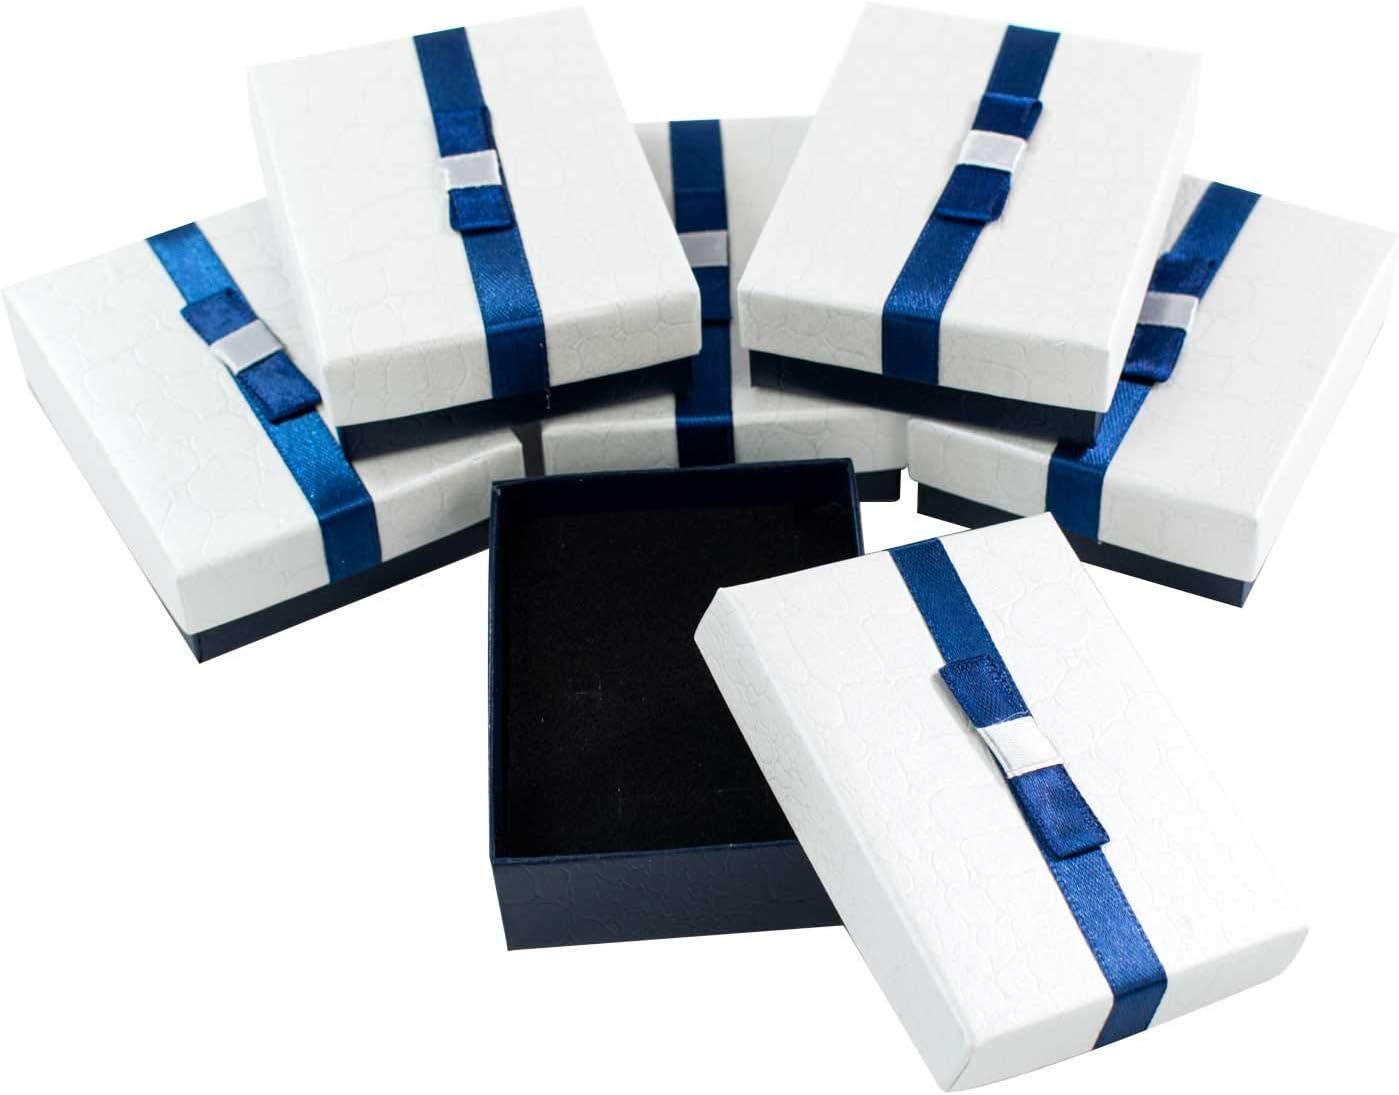 TRIXES Caja para Joyas 6 Piezas - Cajas de Regalo de cartón con Tapa - Azul Oscuro y Blanco Perla - Interior de Espuma - para Collares Anillos Pendientes Pantalla 9 x 7 x 3cm